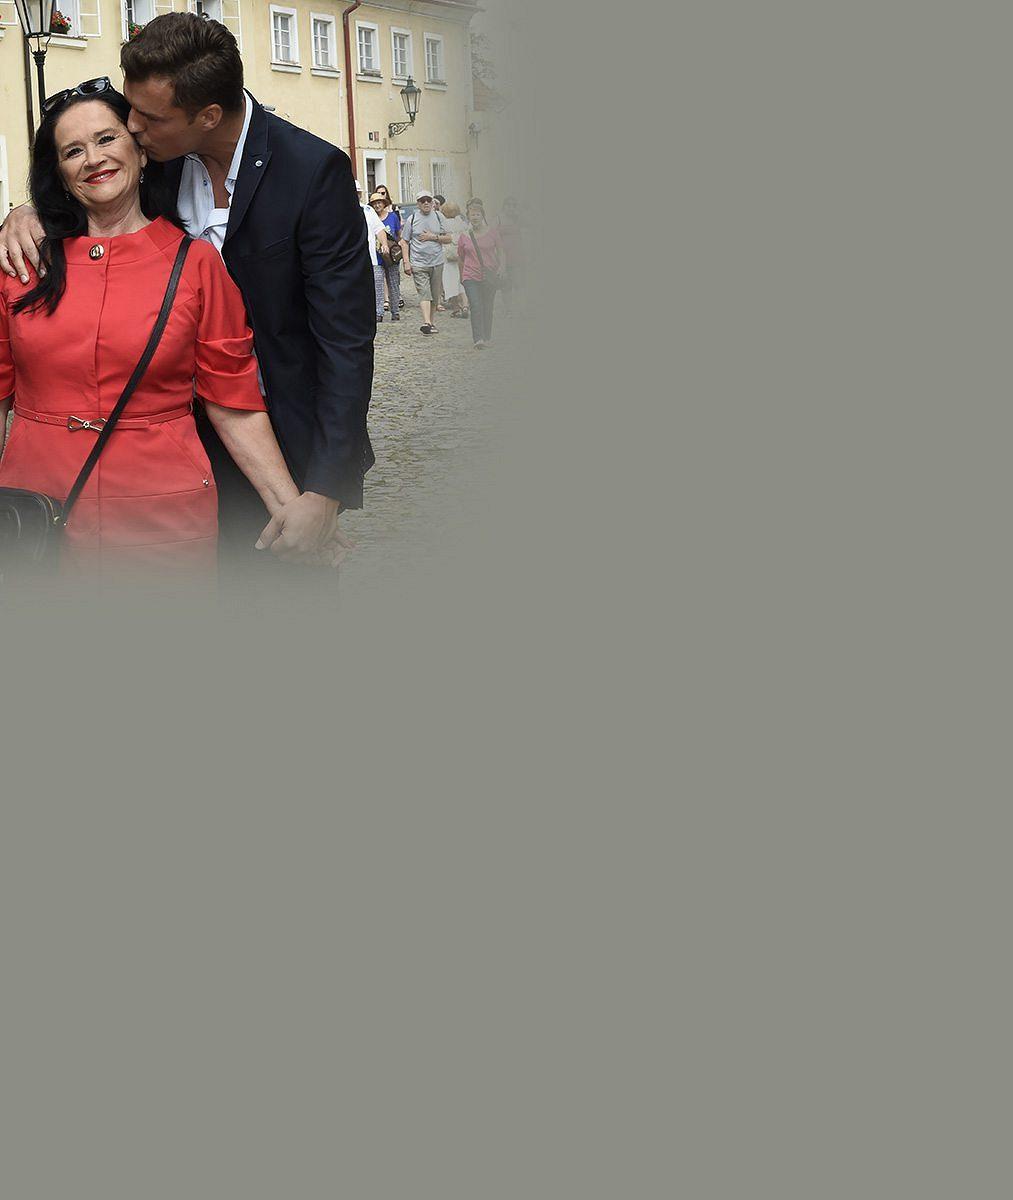 Nenávist v rodině? Svatbu vdovy po Brzobohatém s mladým klukem prý její blízcí těžce nemohou rozdýchat